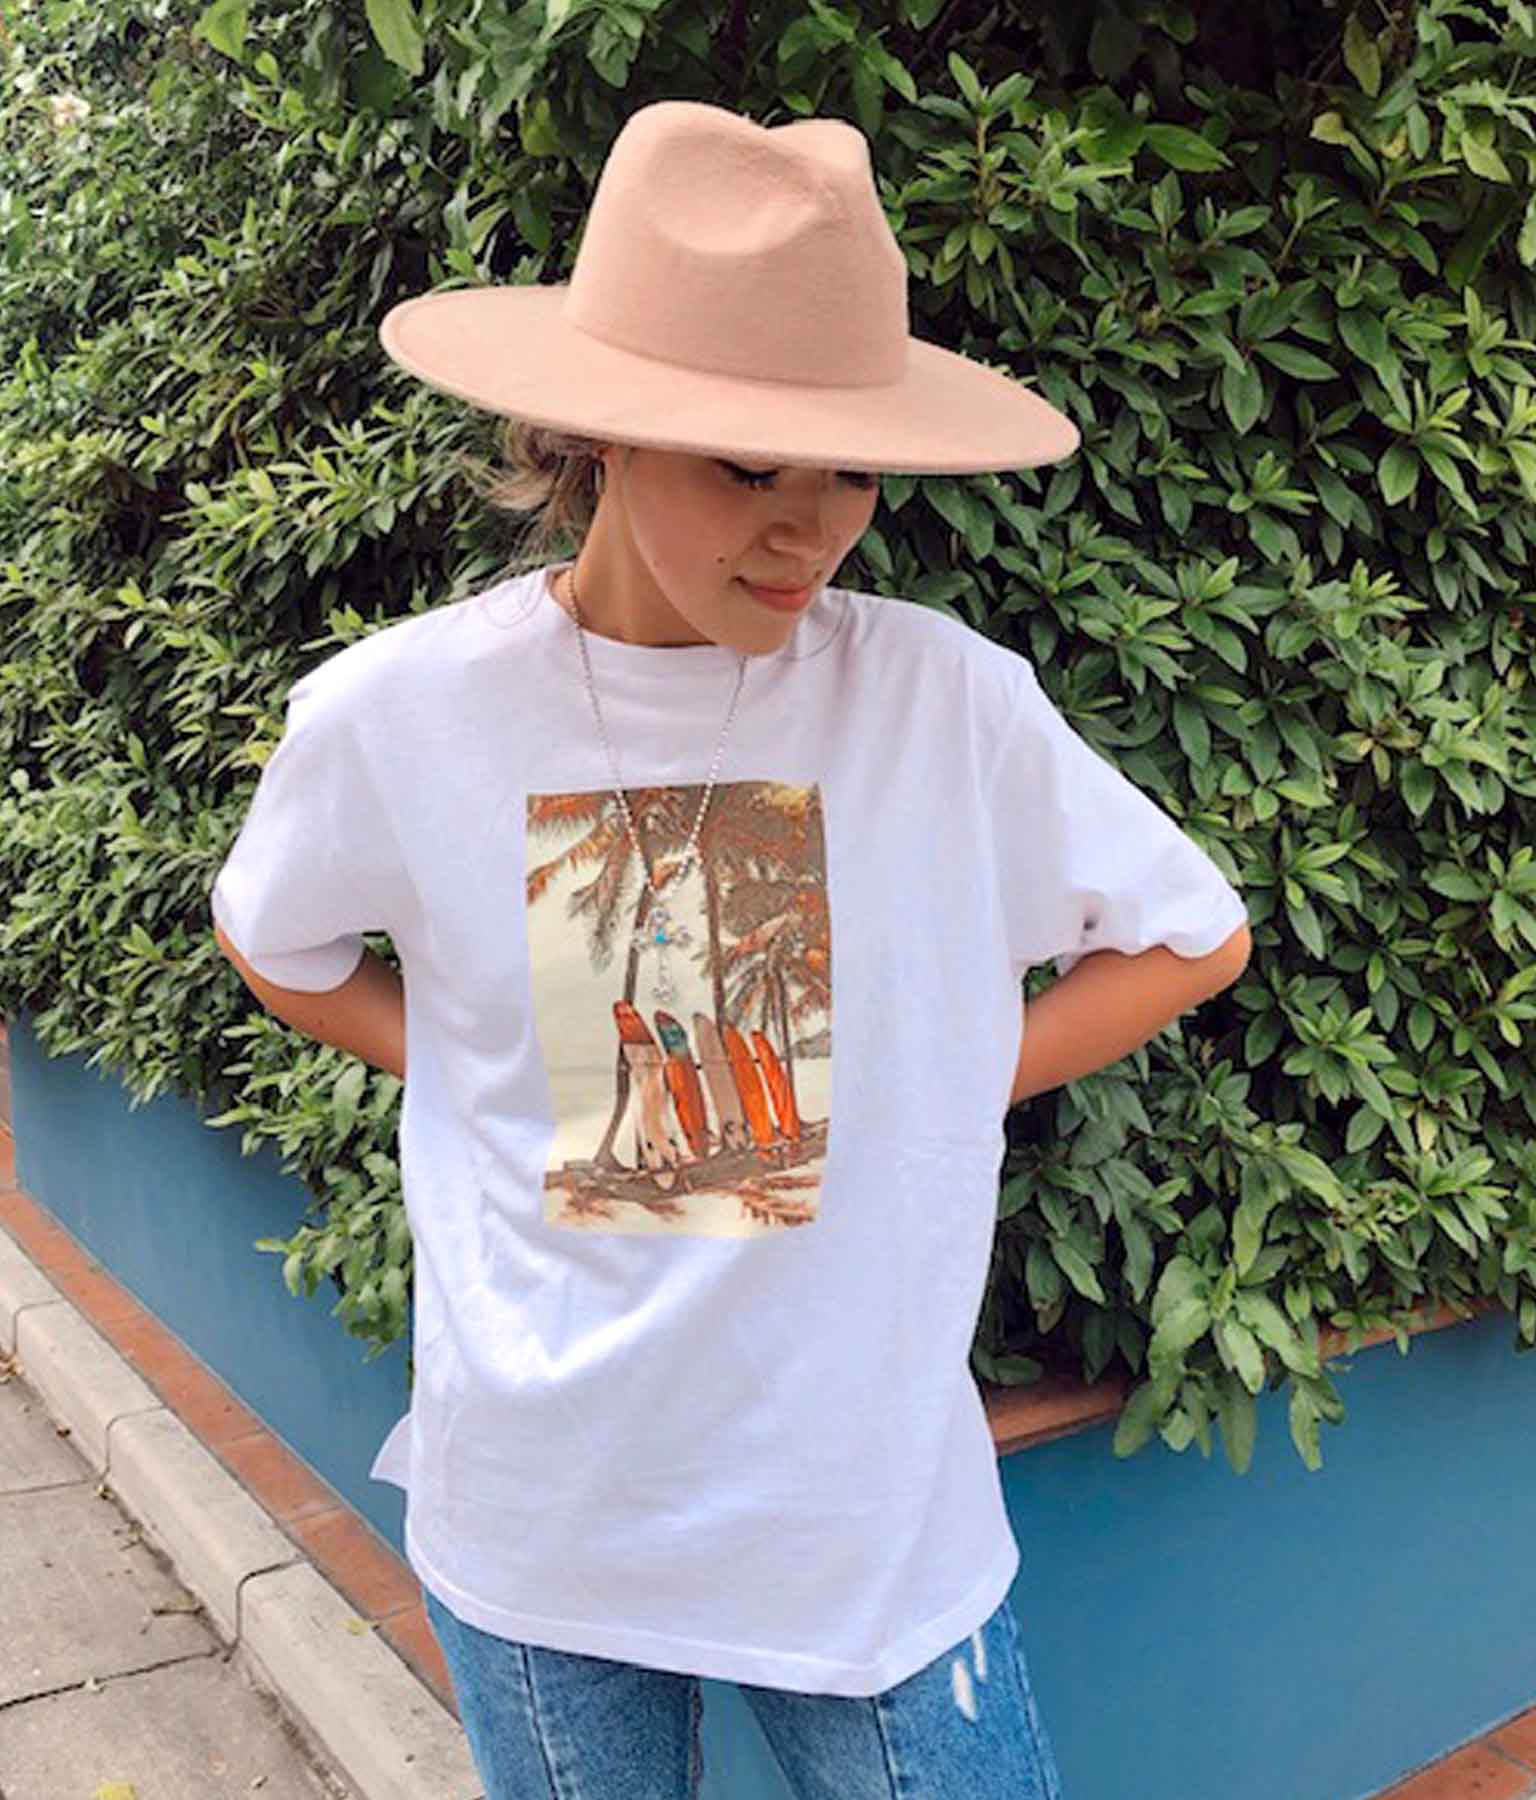 サーフボードプリントビックTシャツ